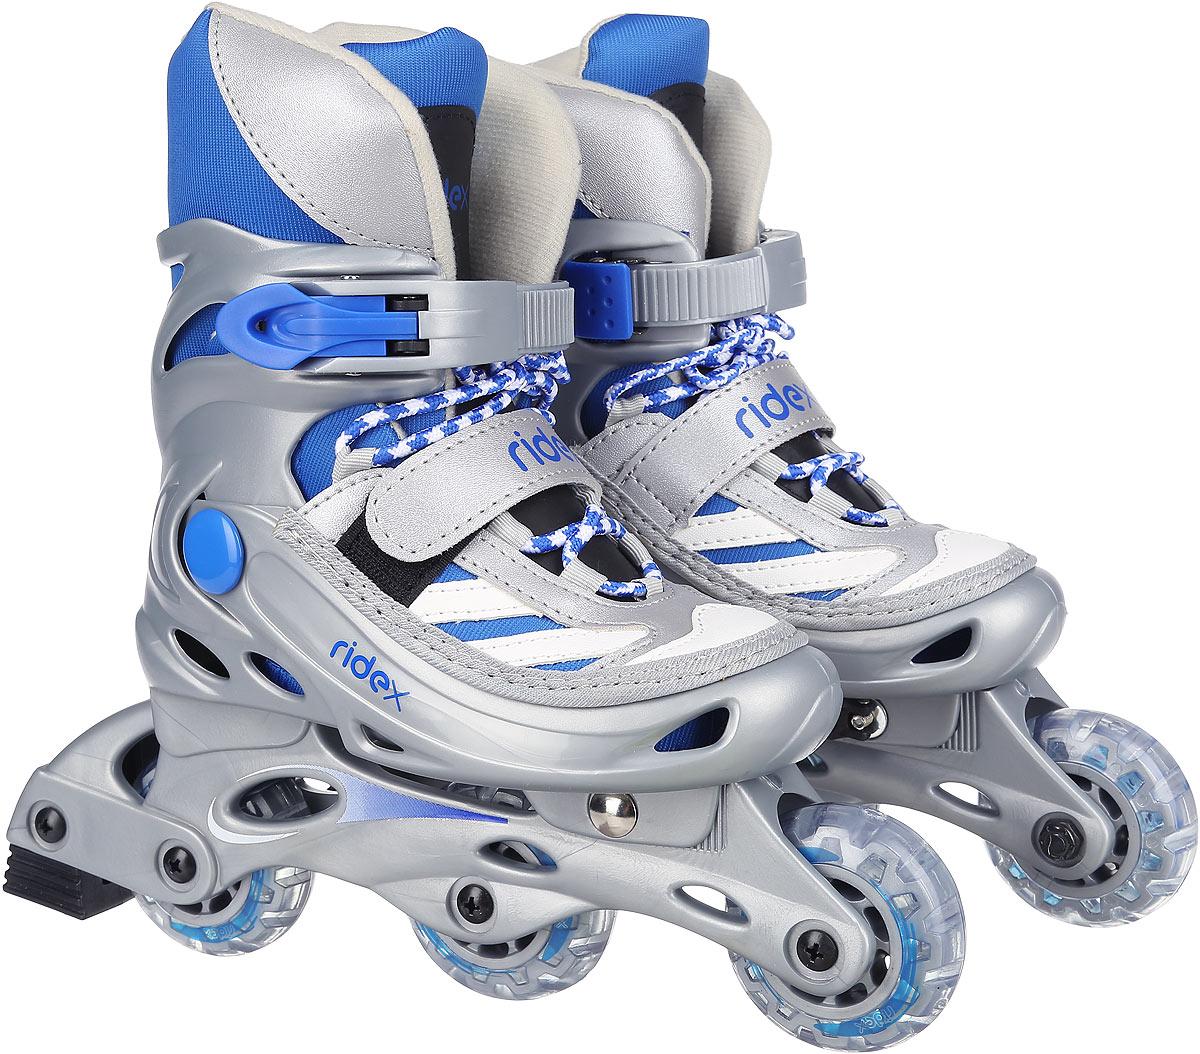 Купить Коньки роликовые Ridex Scout, раздвижные, цвет: серый, голубой, белый. УТ-00008094. Размер 39/42, Ролики